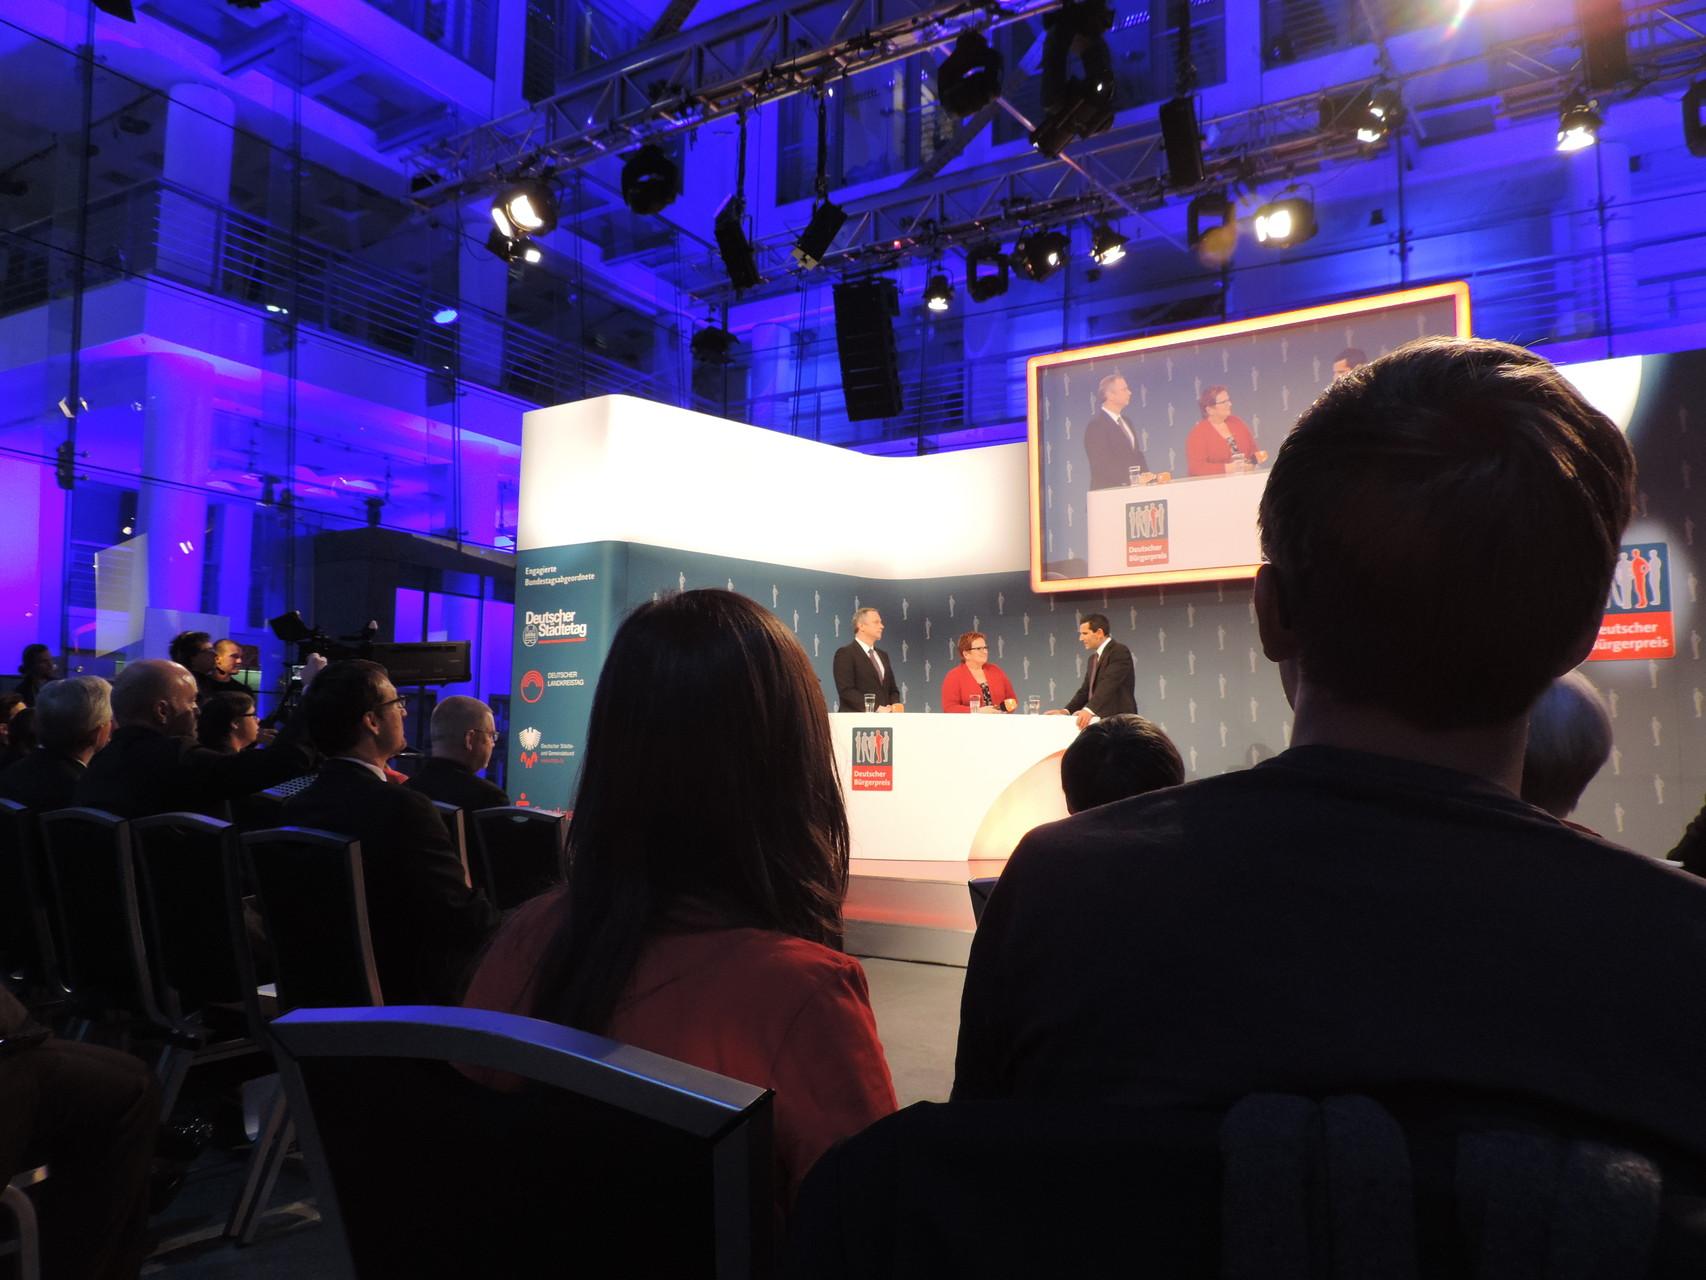 Der Moderator im Gespräch mit Laudatorin Elke Ferner, Parlamentarische Staatssekretärin im Bundesfamilienministerium sowie Georg Fahrenschon, Präsident des Deutschen Sparkassen- und Giroverbandes